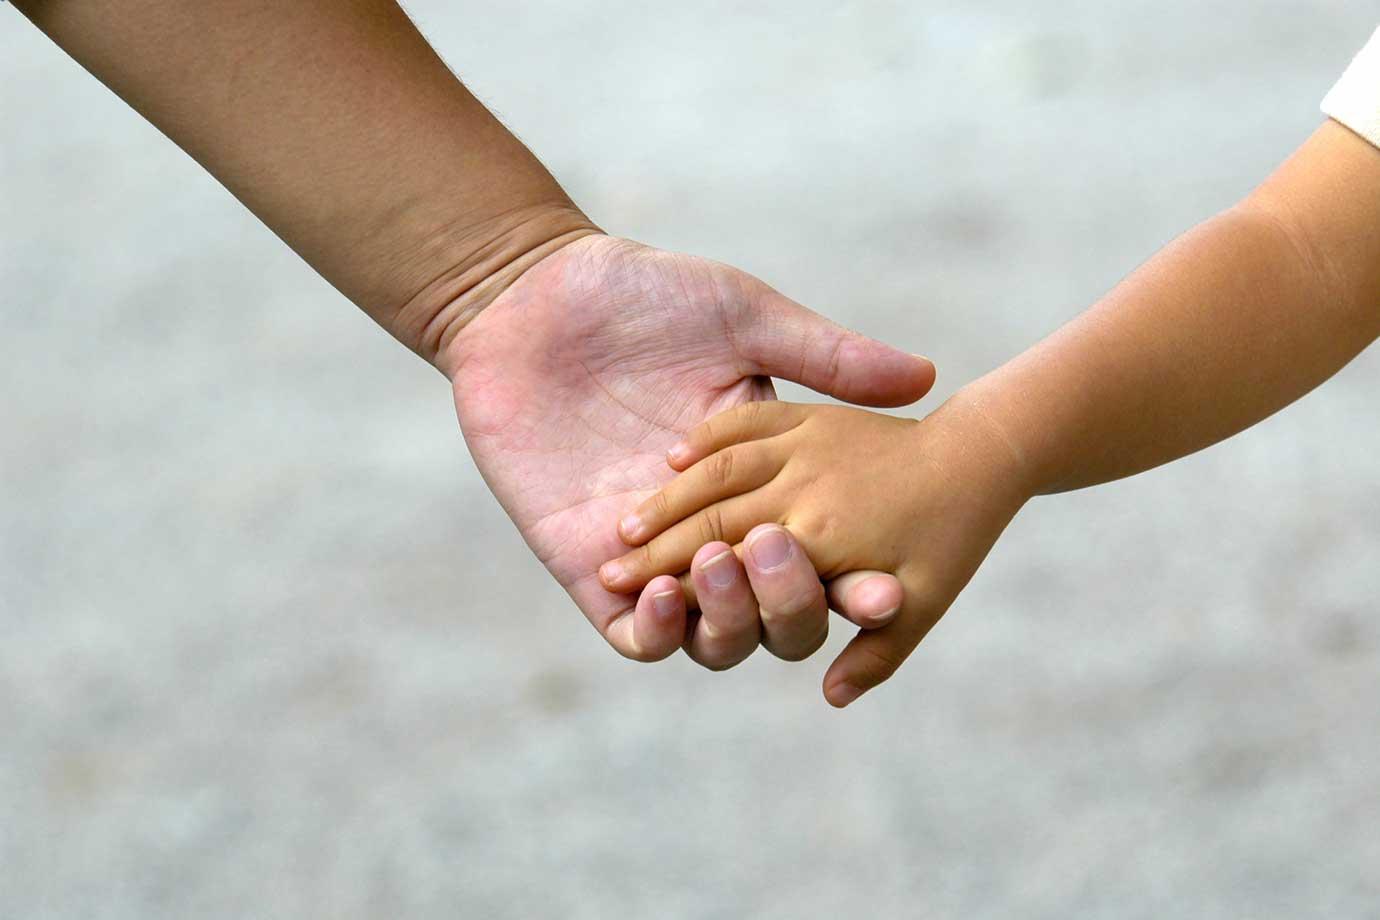 育児ノイローゼとは、育児によって不安定な気持ちが膨らみ、イライラや無気力など精神的な不調が起こること